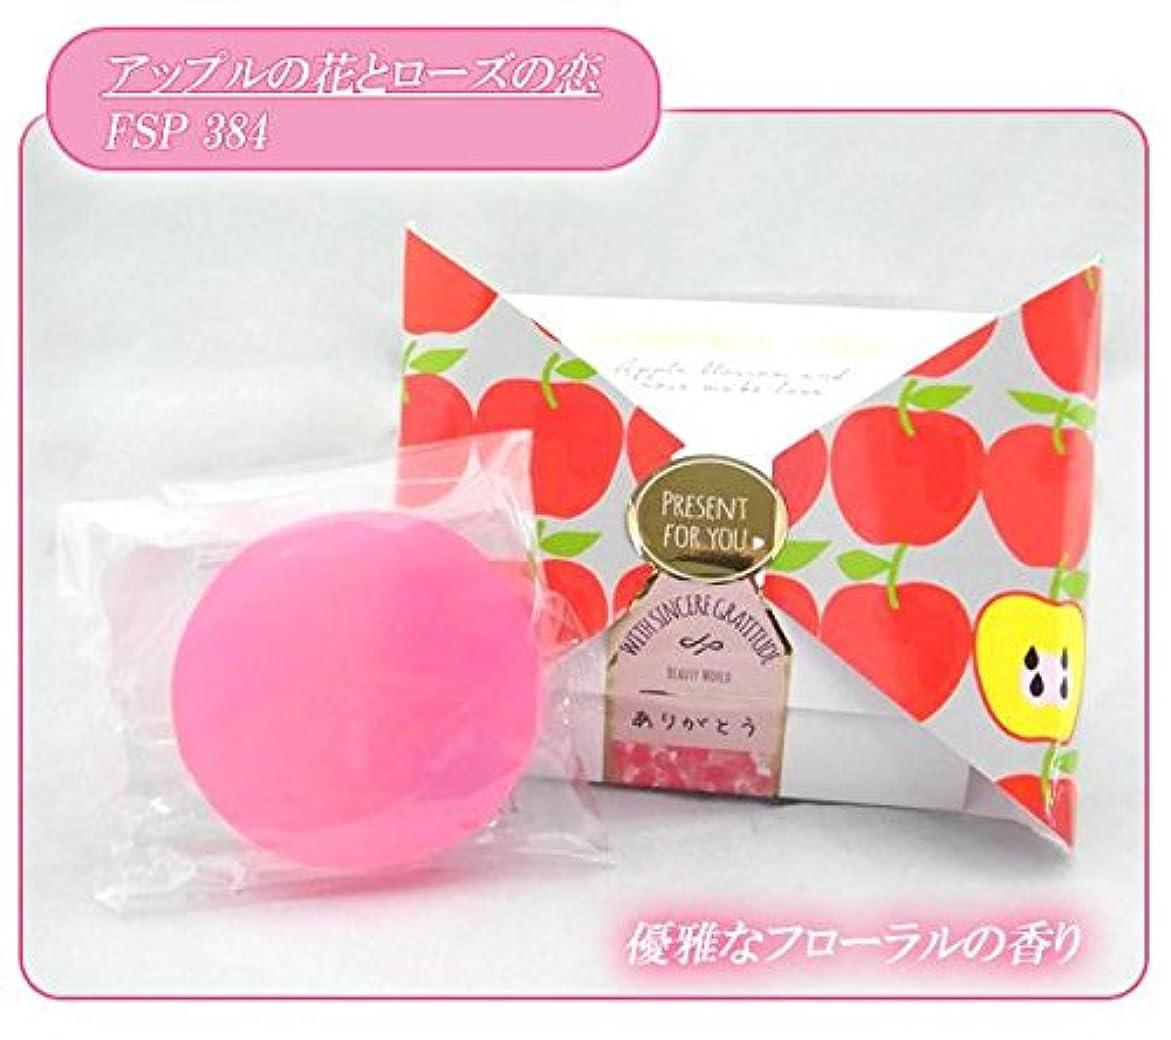 慣性蒸十分ですビューティーワールド BWフローレンスの香り石けん リボンパッケージ 6個セット アップルの花とローズの恋